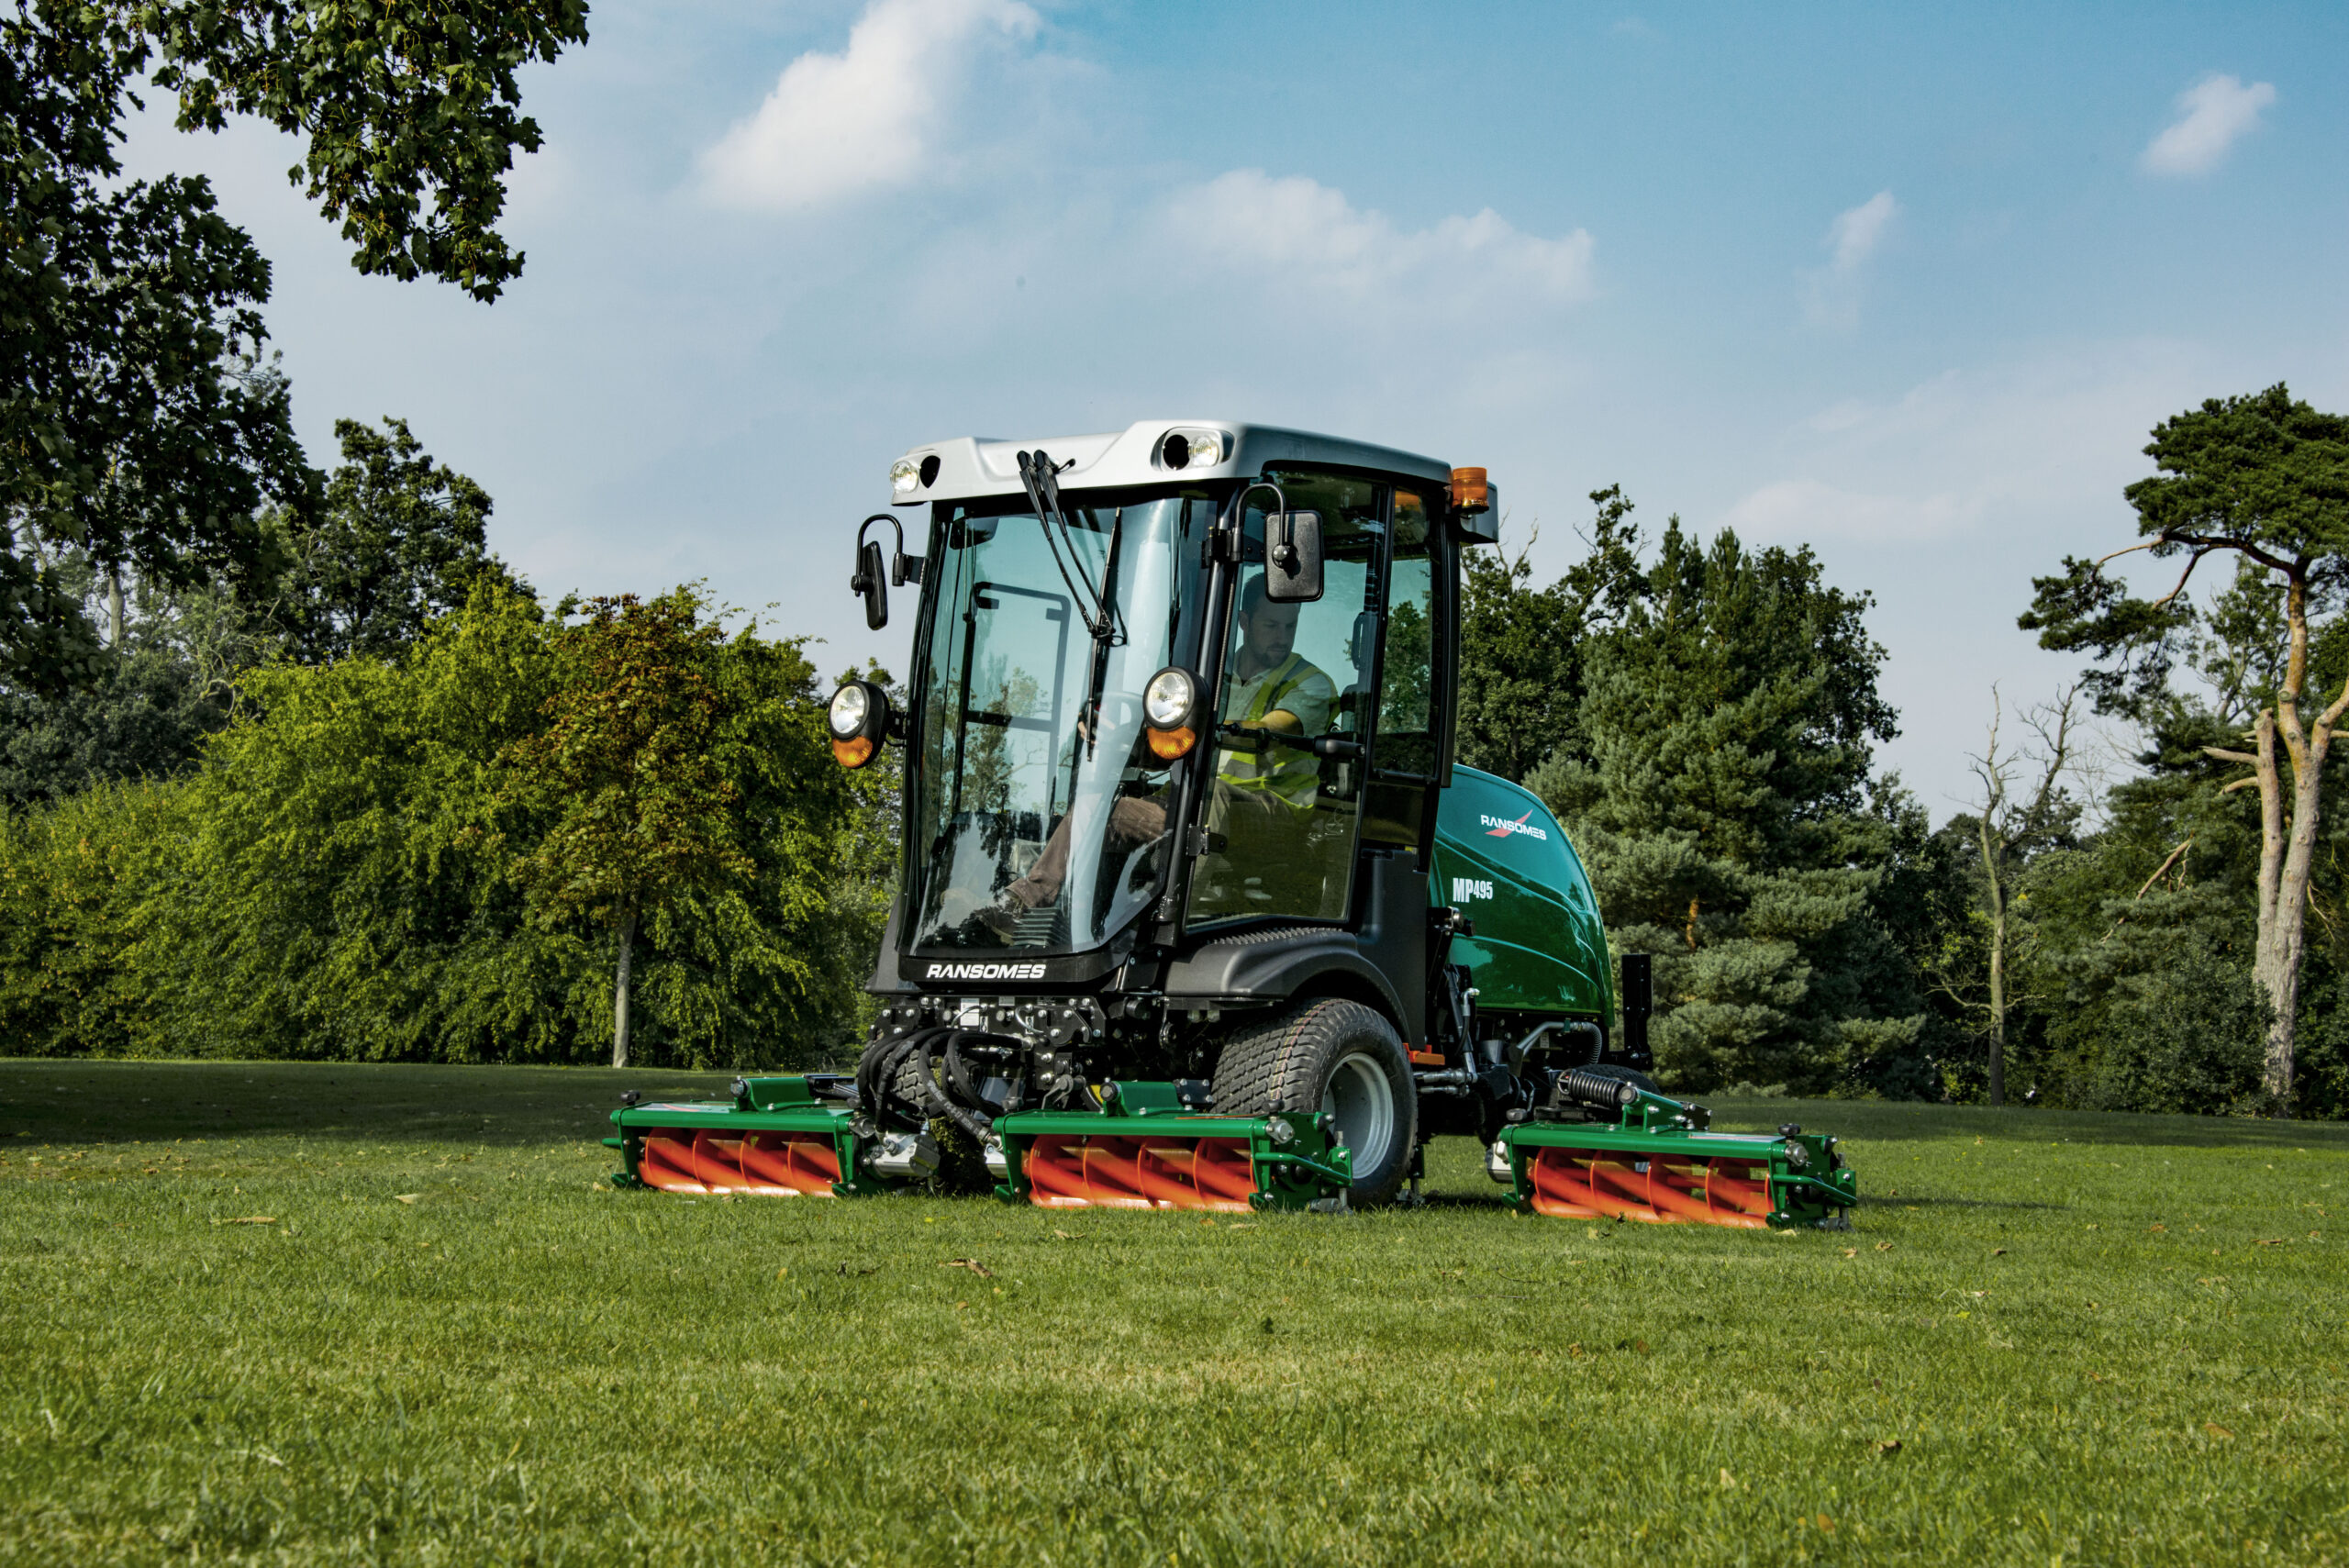 Groentechniek: grasmaaien, snoeieafvalverwerking en meer vindt u bij Pols.